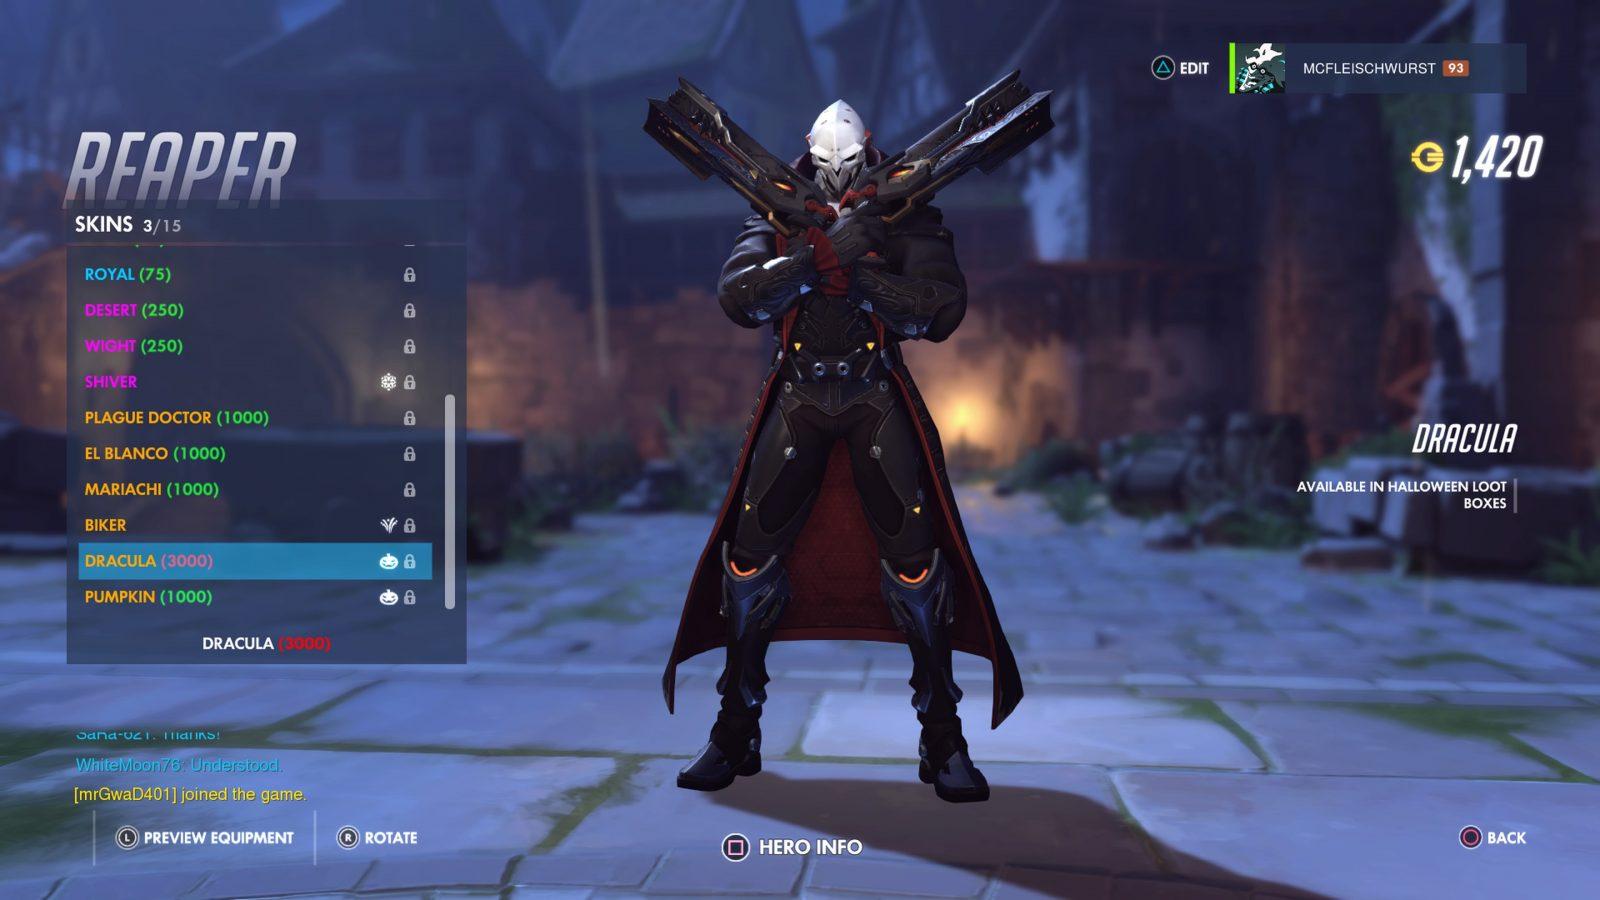 Reaper Skin Overwatch Halloween Terror Event